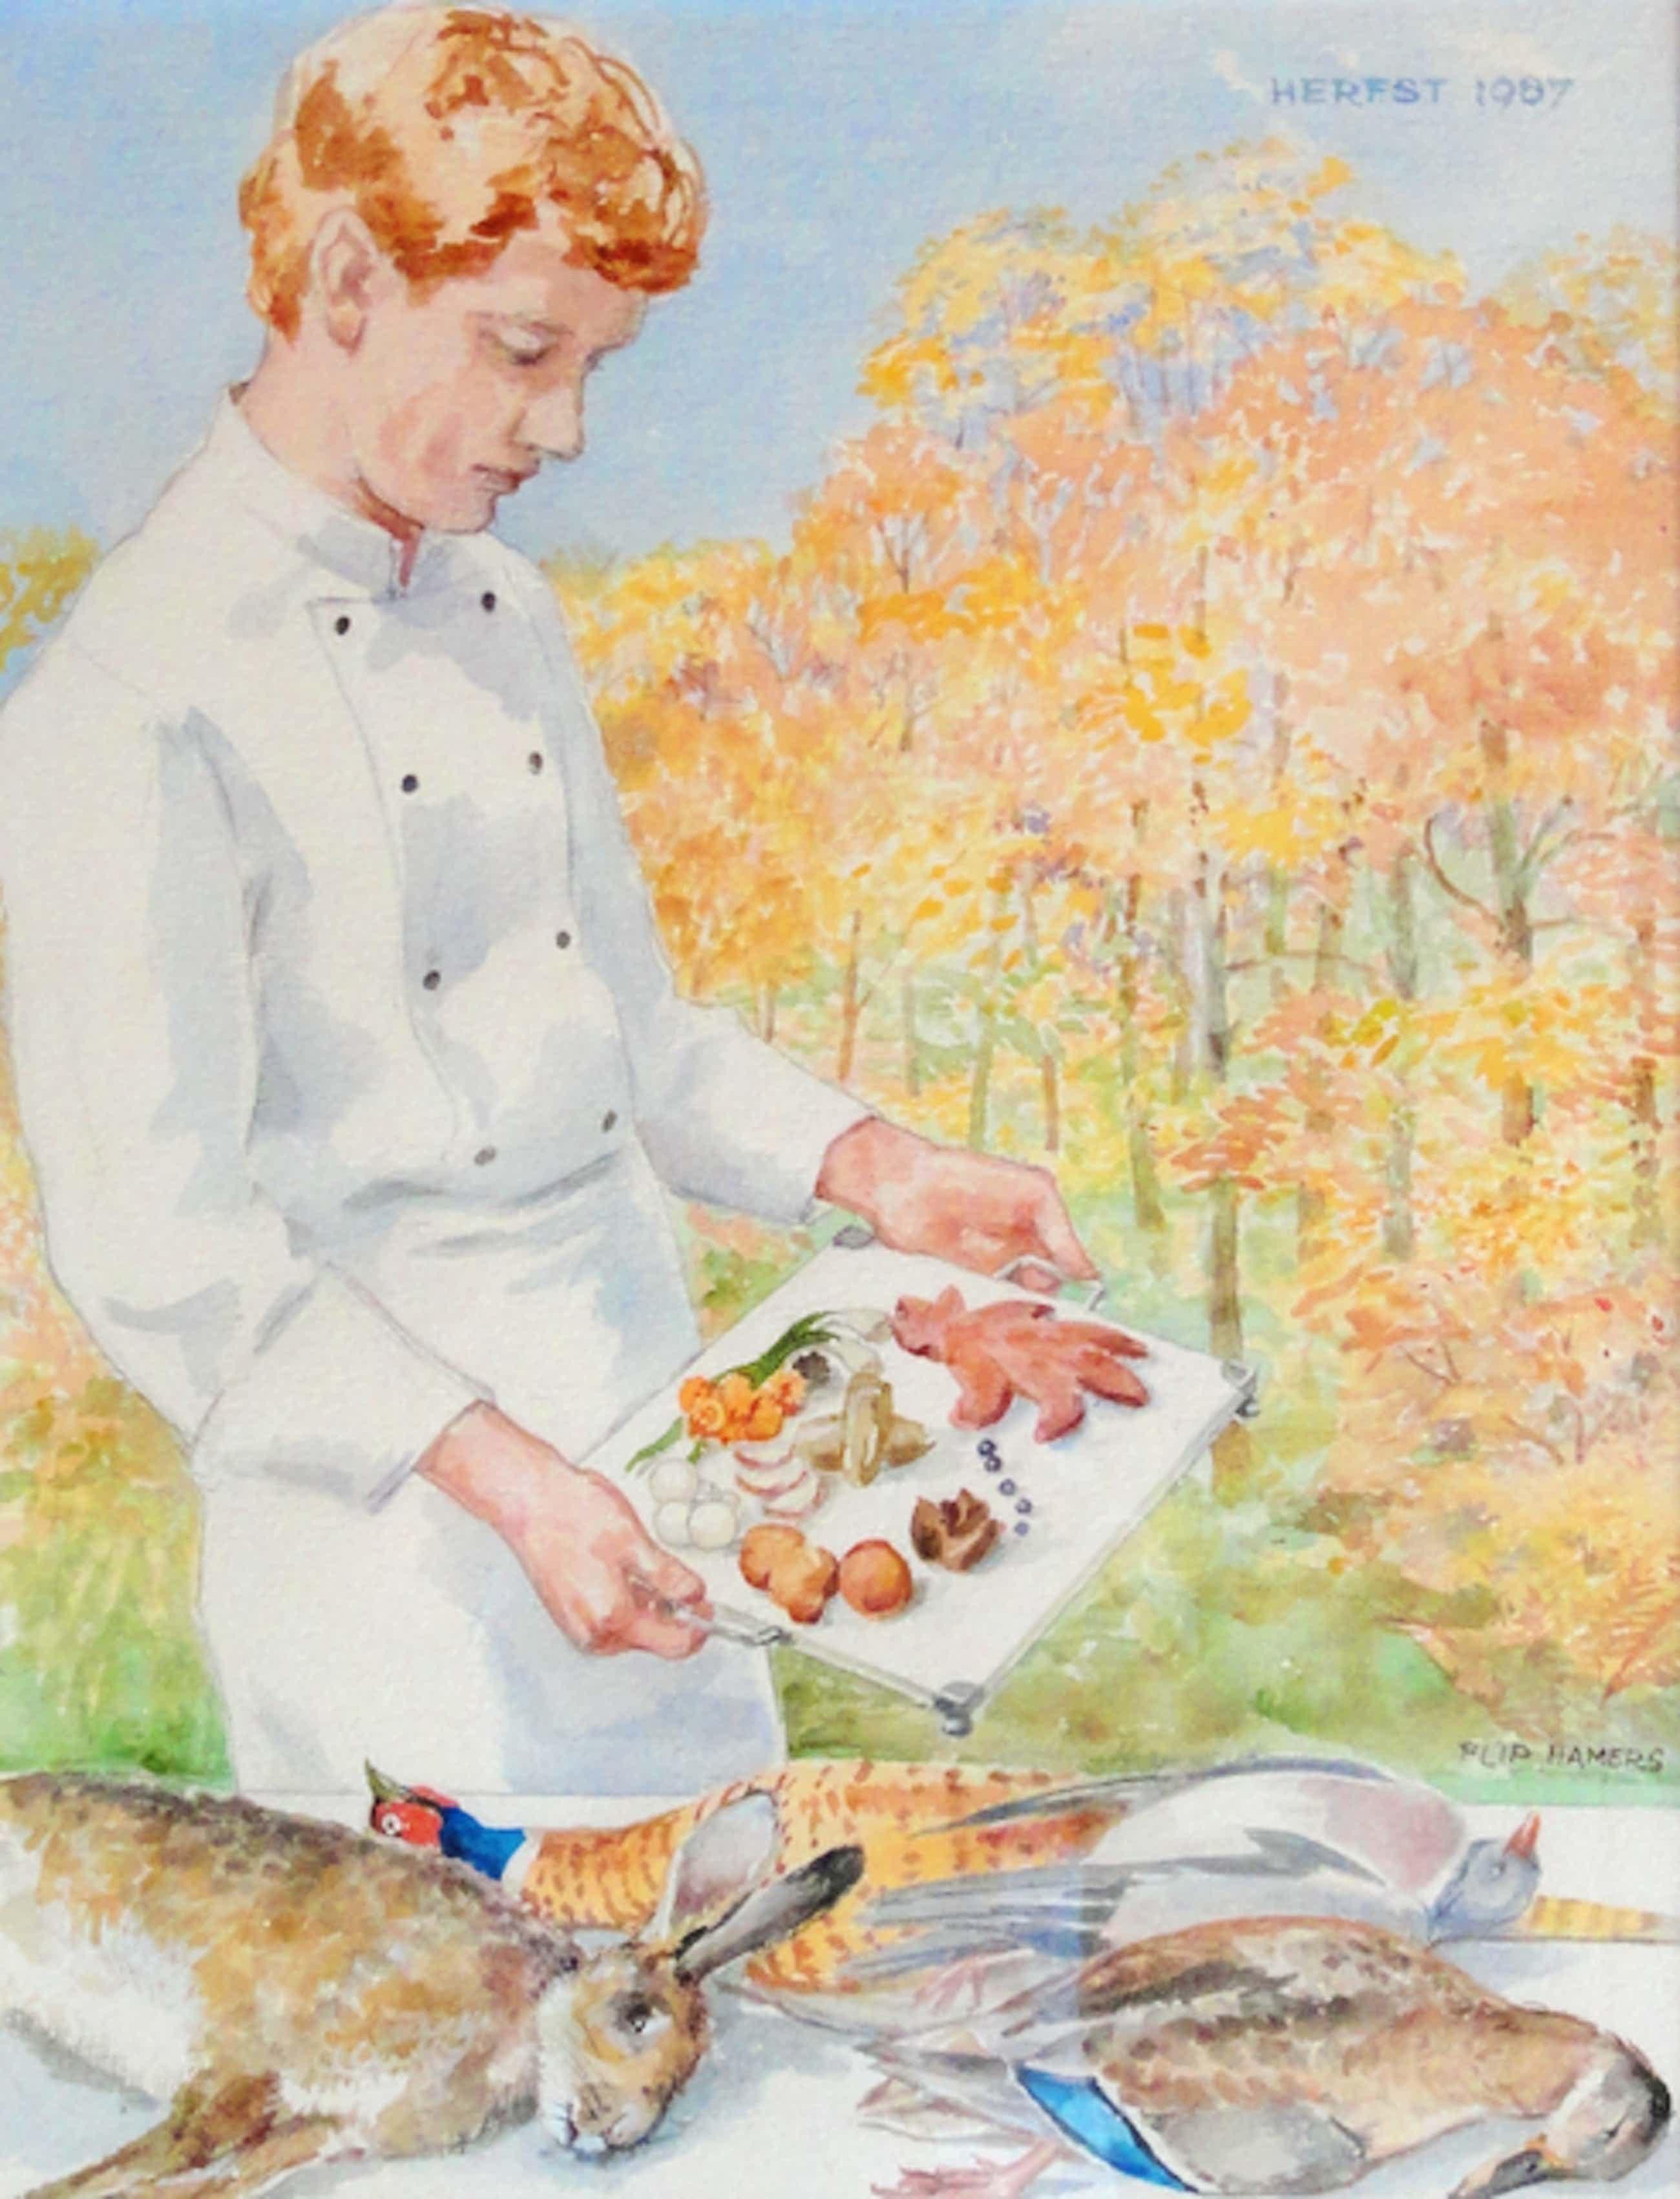 Flip Hamers - Kok bereidt wildmaaltijd kopen? Bied vanaf 150!